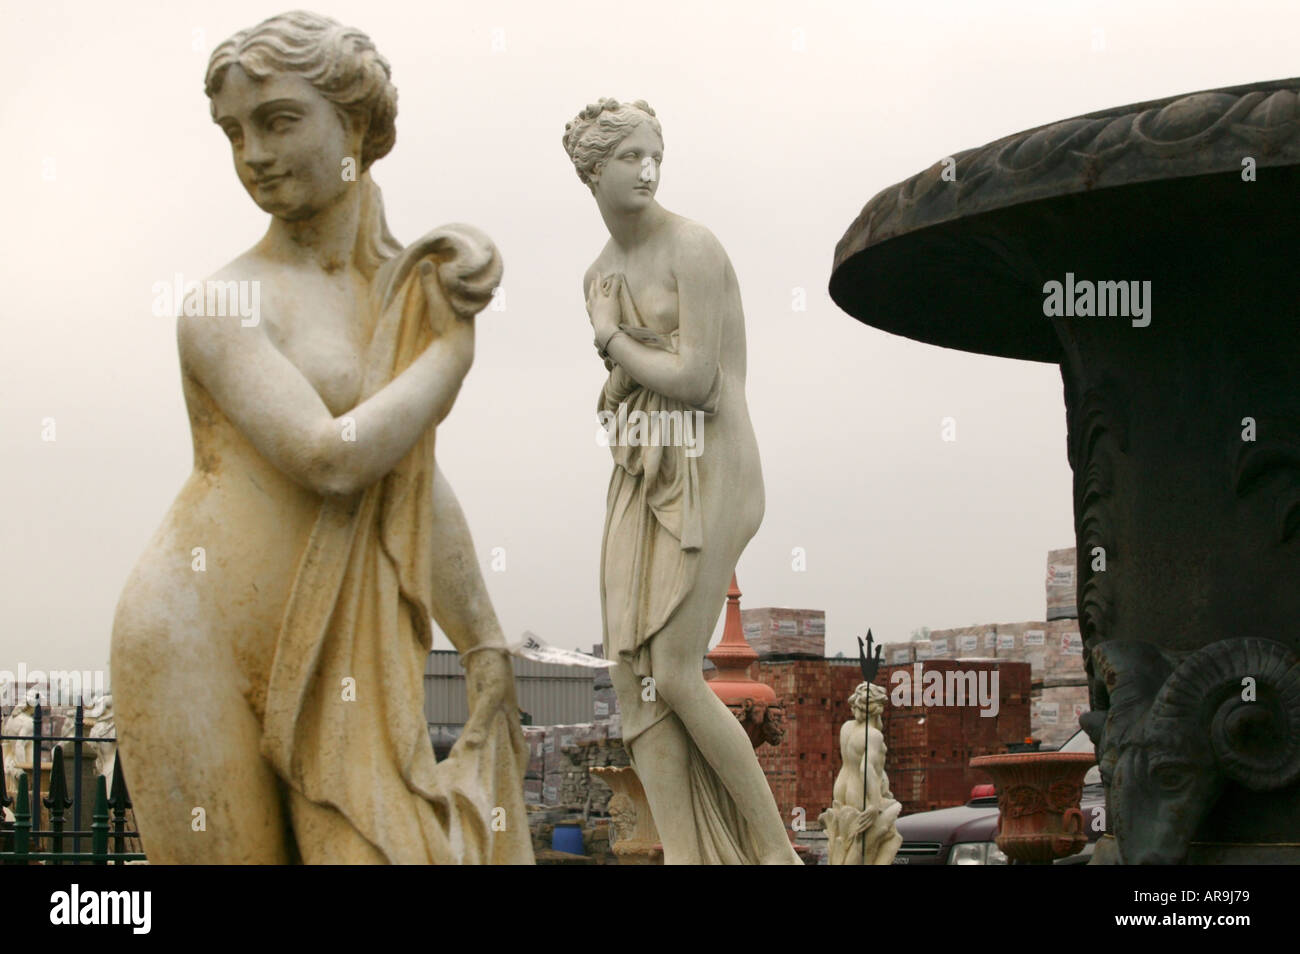 Estatuas de damas en Solopark baño materiales de construcción yard, Cambridgeshire, Reino Unido Imagen De Stock